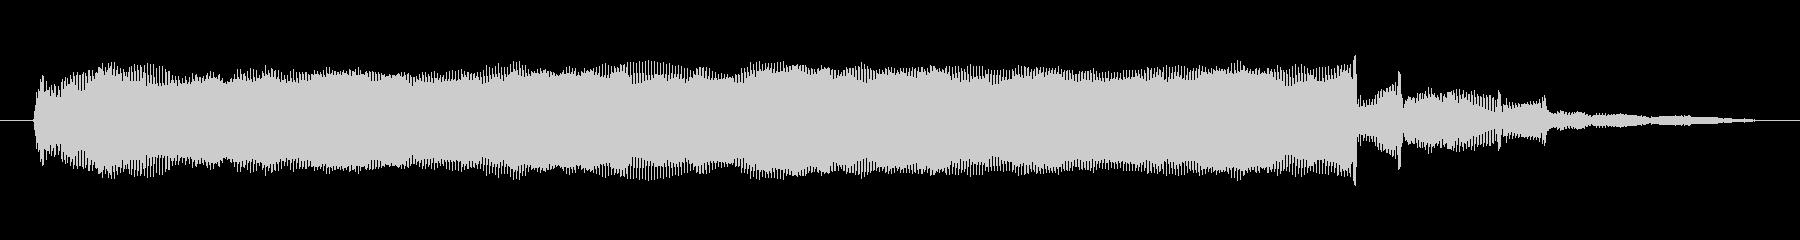 シンセサイザー 金属オルガン02の未再生の波形